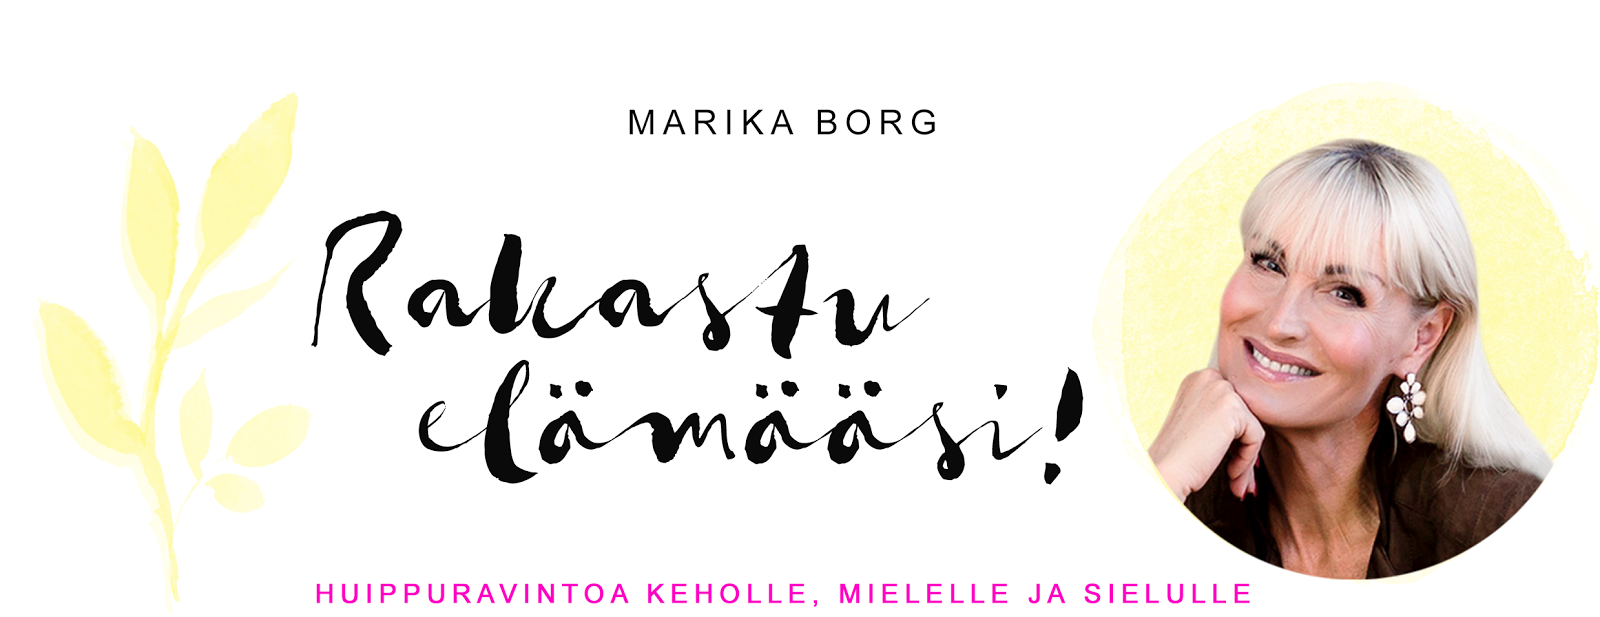 Marika Borg Rakastu elämääsi!